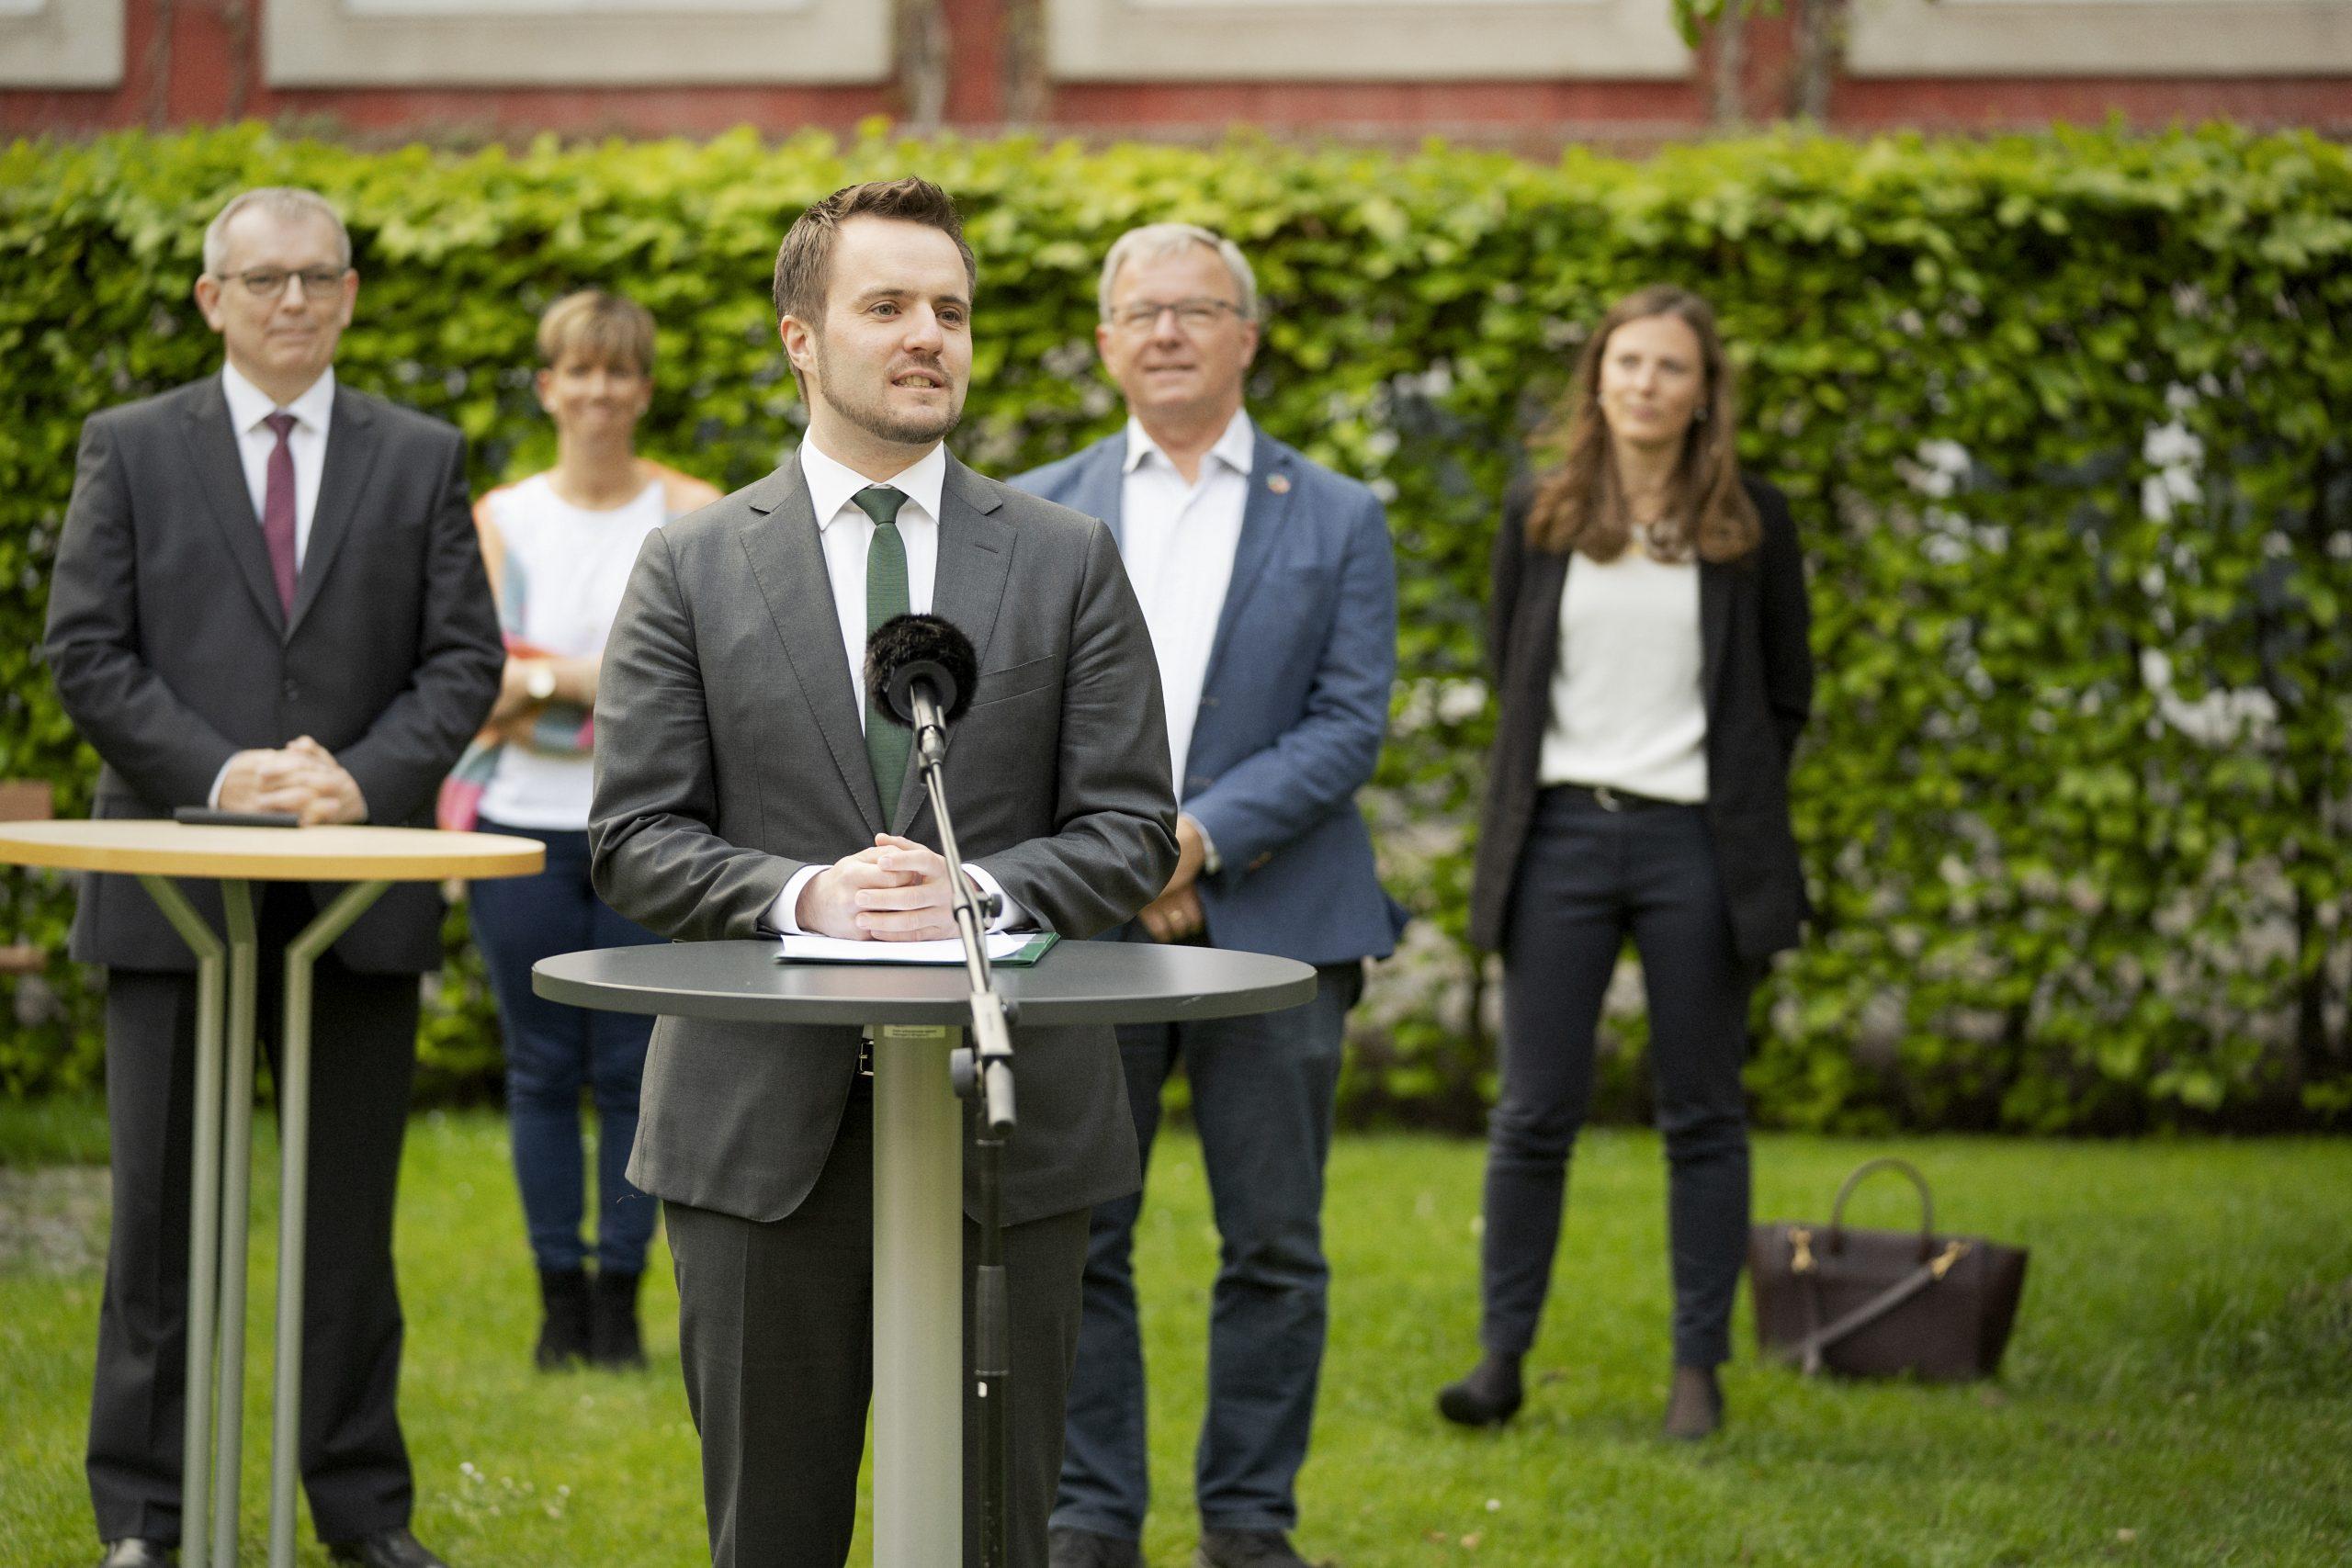 Arkivfoto med erhvervsminister Simon Kollerup og medlemmer af erhvervsudvalget. Foto: Andreas Beck, Erhvervsministeriet.